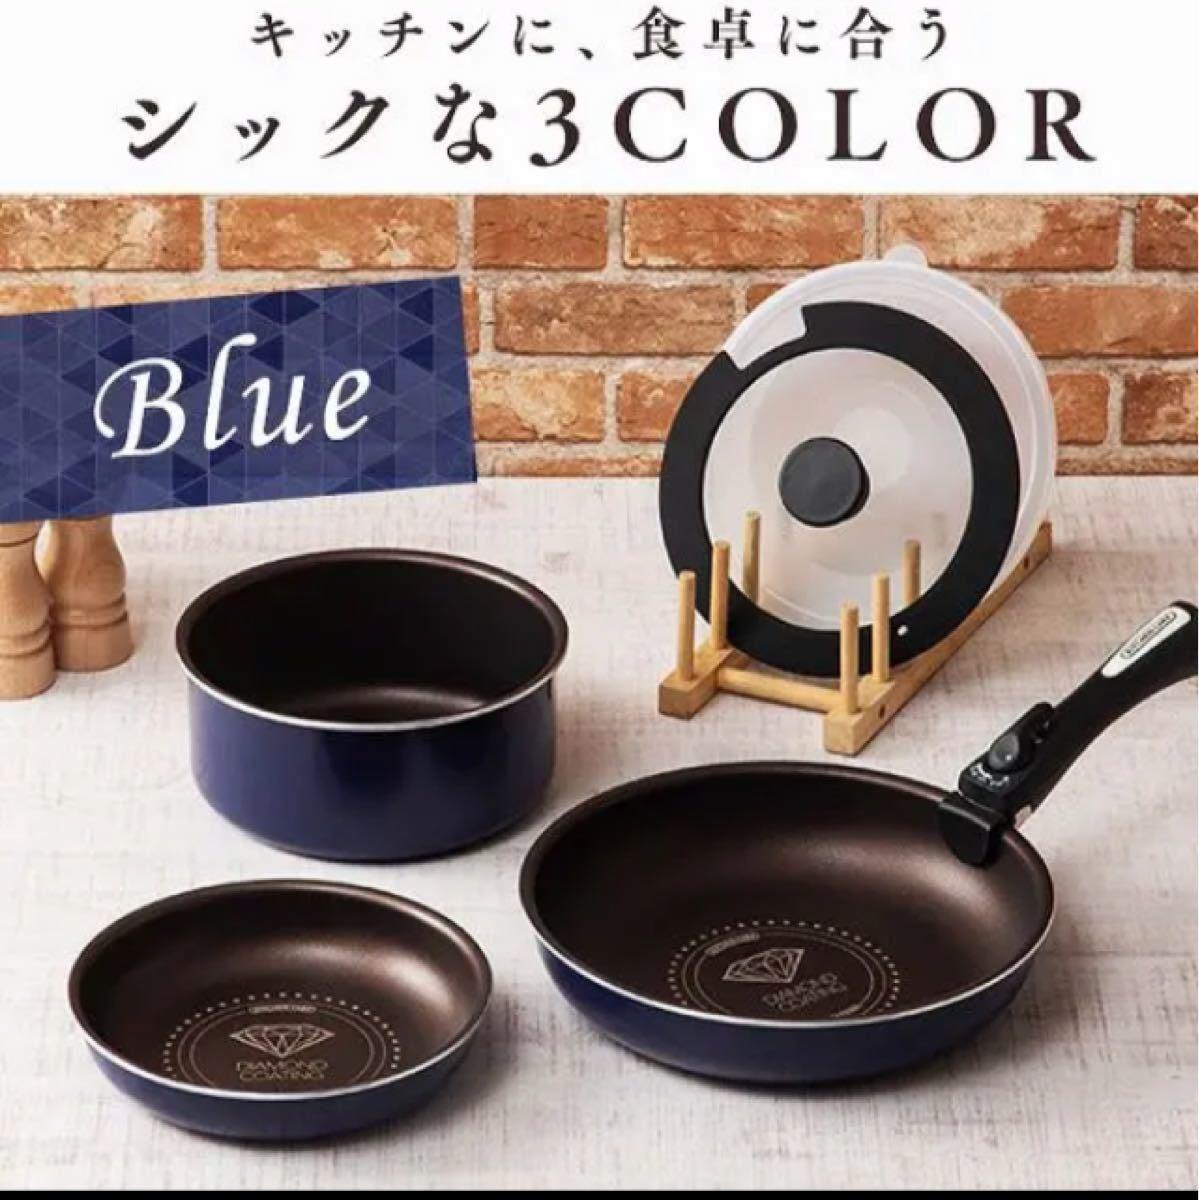 アイリスオーヤマ ダイヤモンドコートパン  フライパン9点セット ブルー